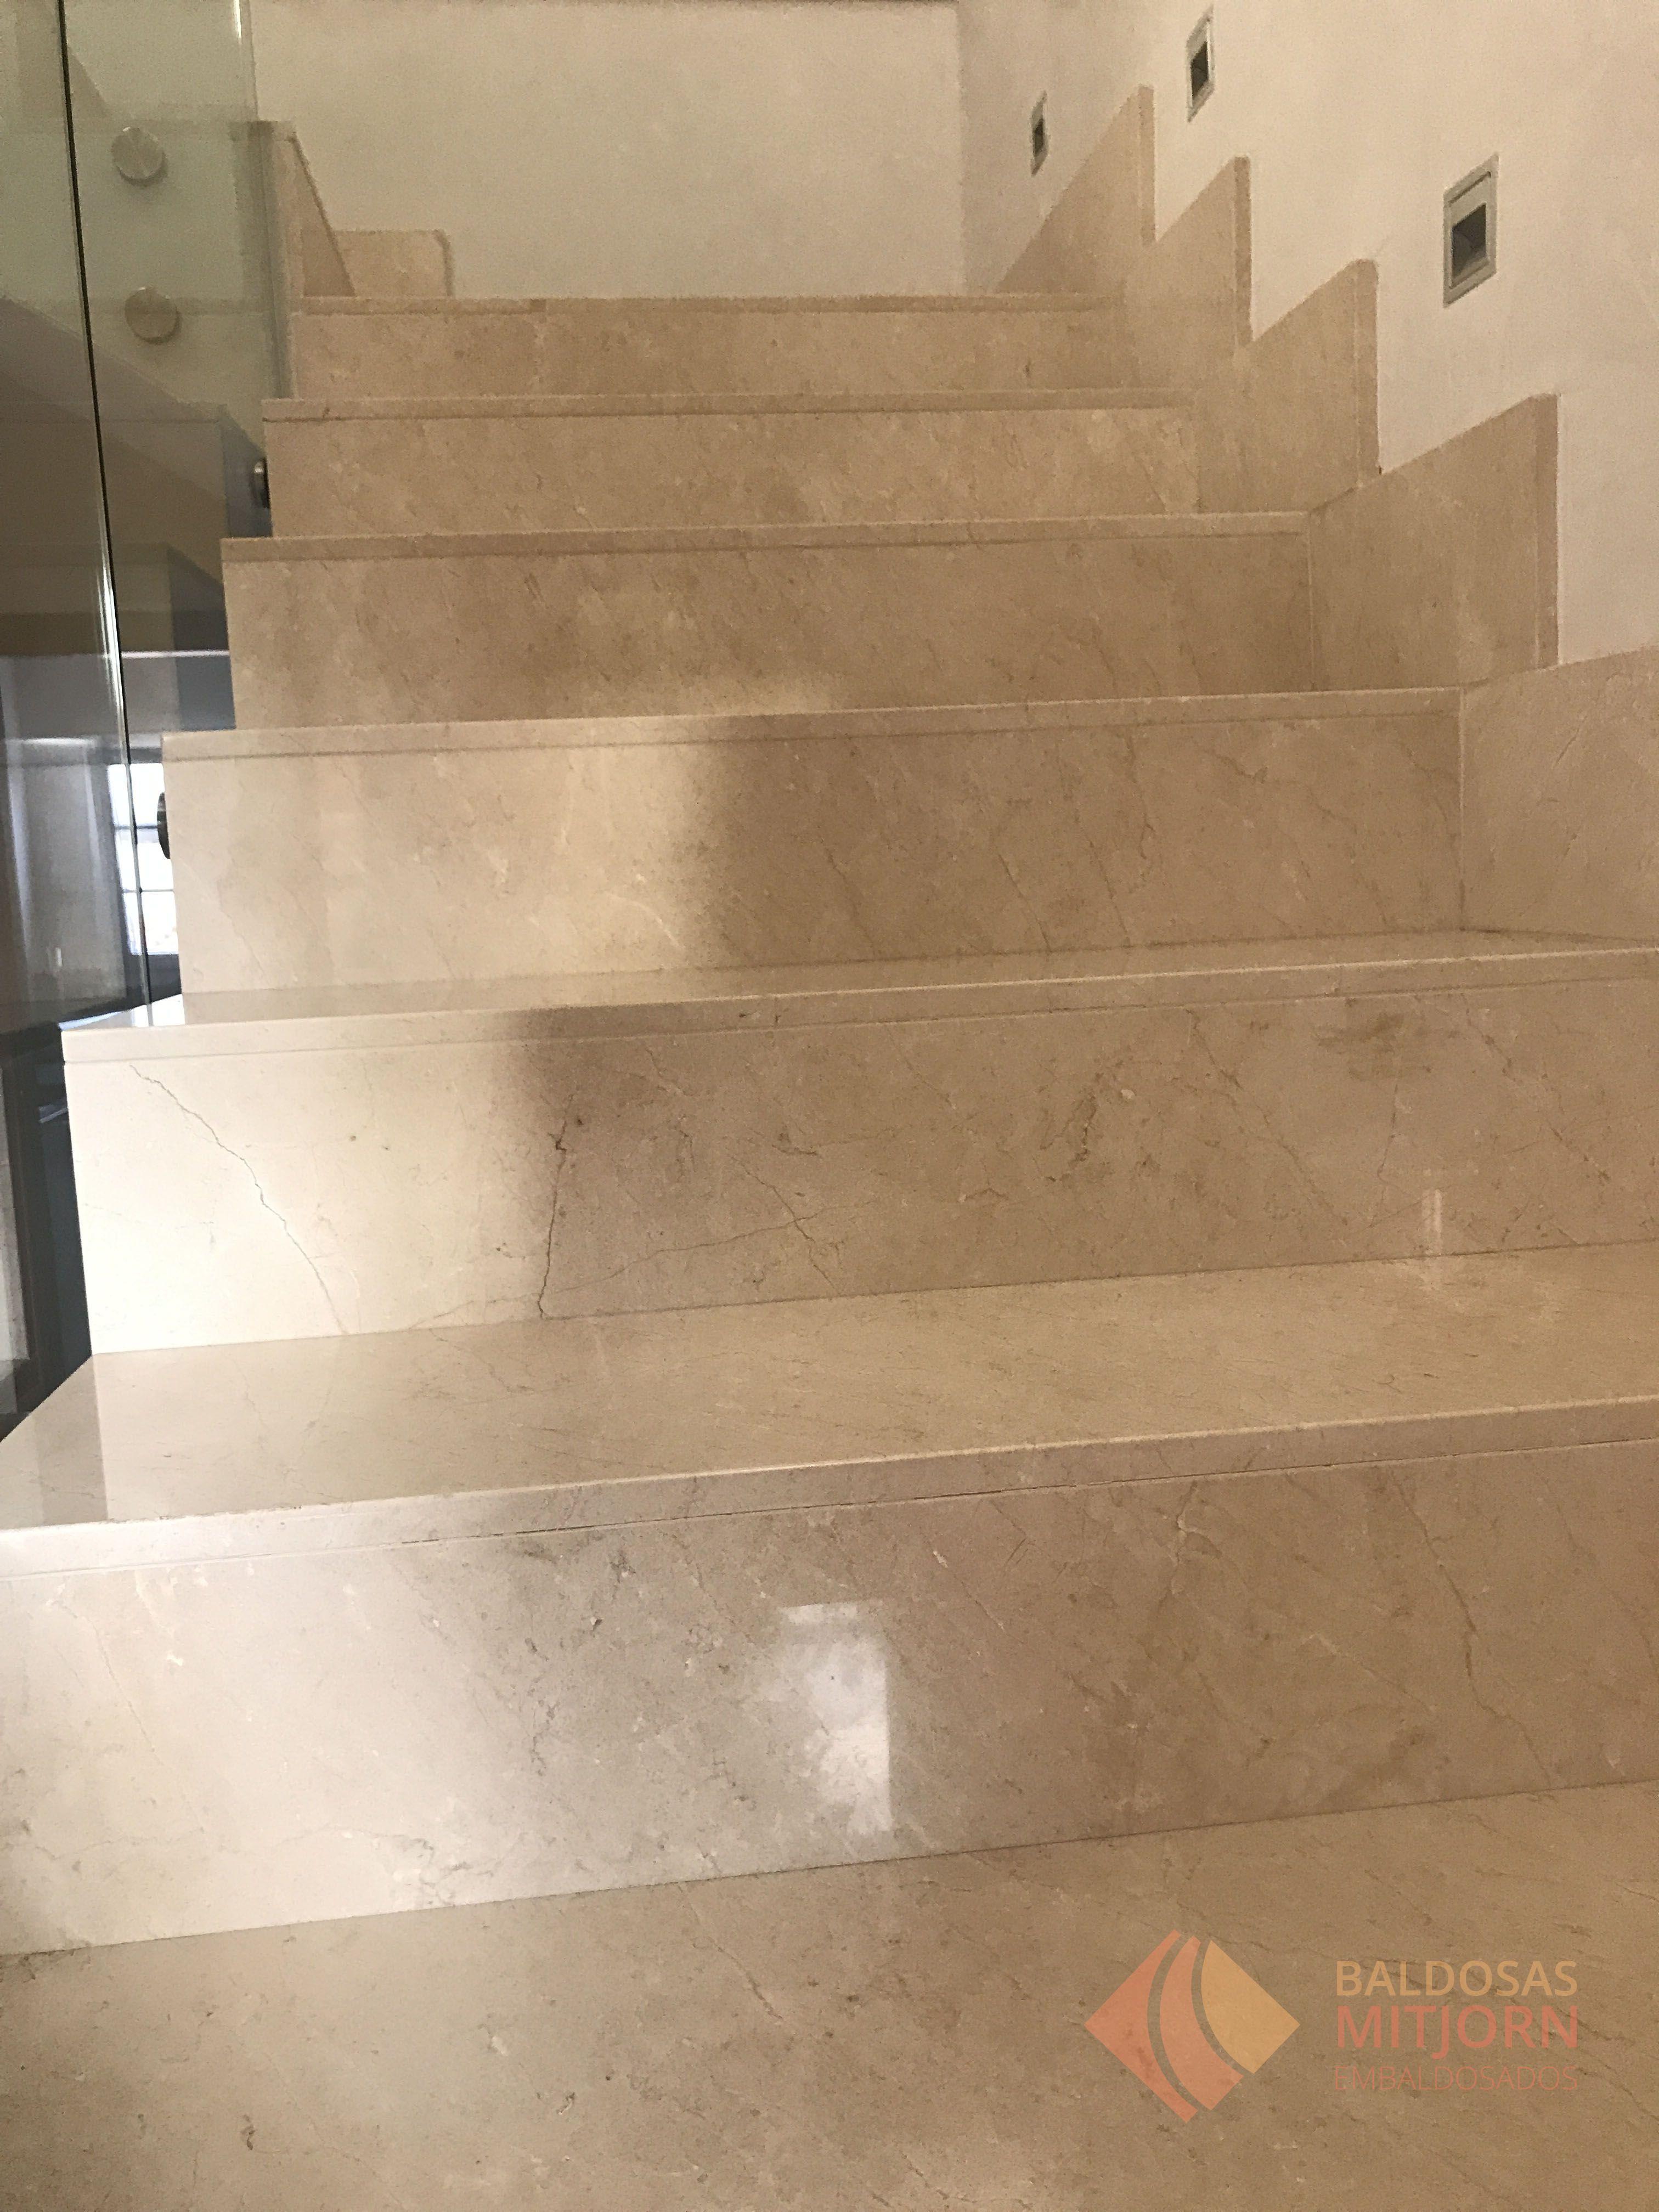 Hoy os traemos una escalera de m rmol terracota alineada que nuestros trabajadores realizaron en - Baldosas para escaleras ...